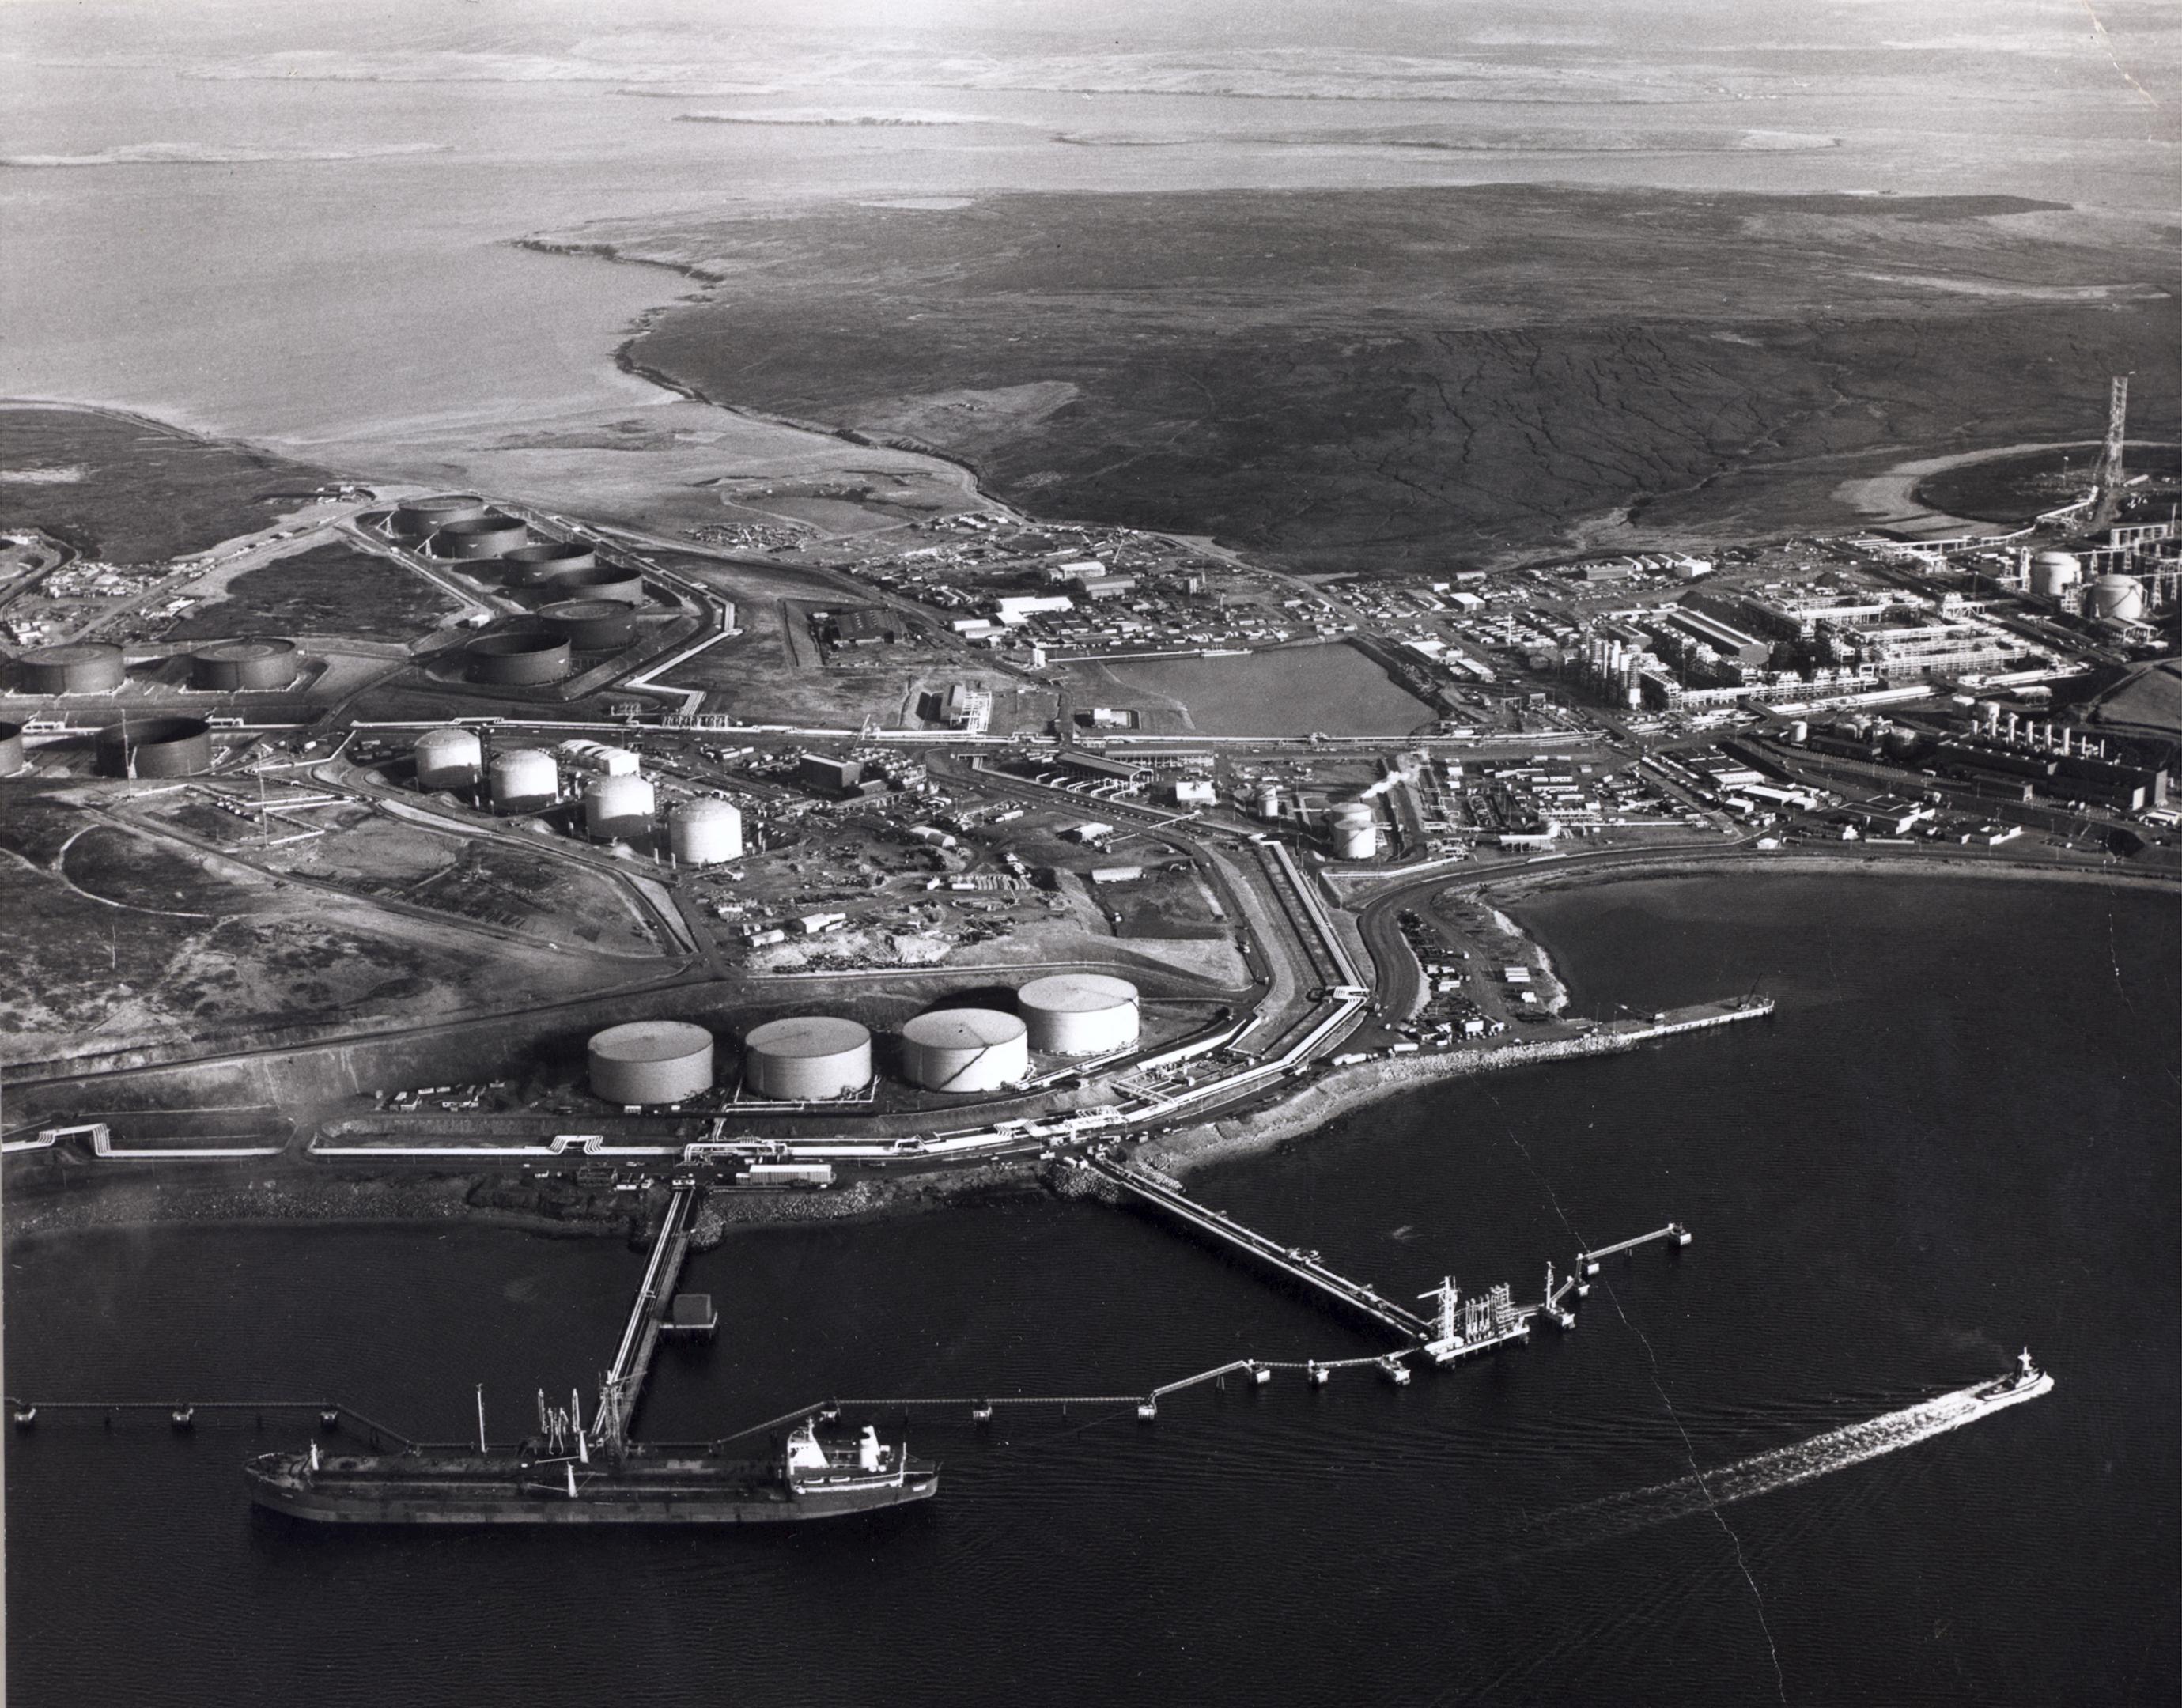 Sullom Voe oil terminal